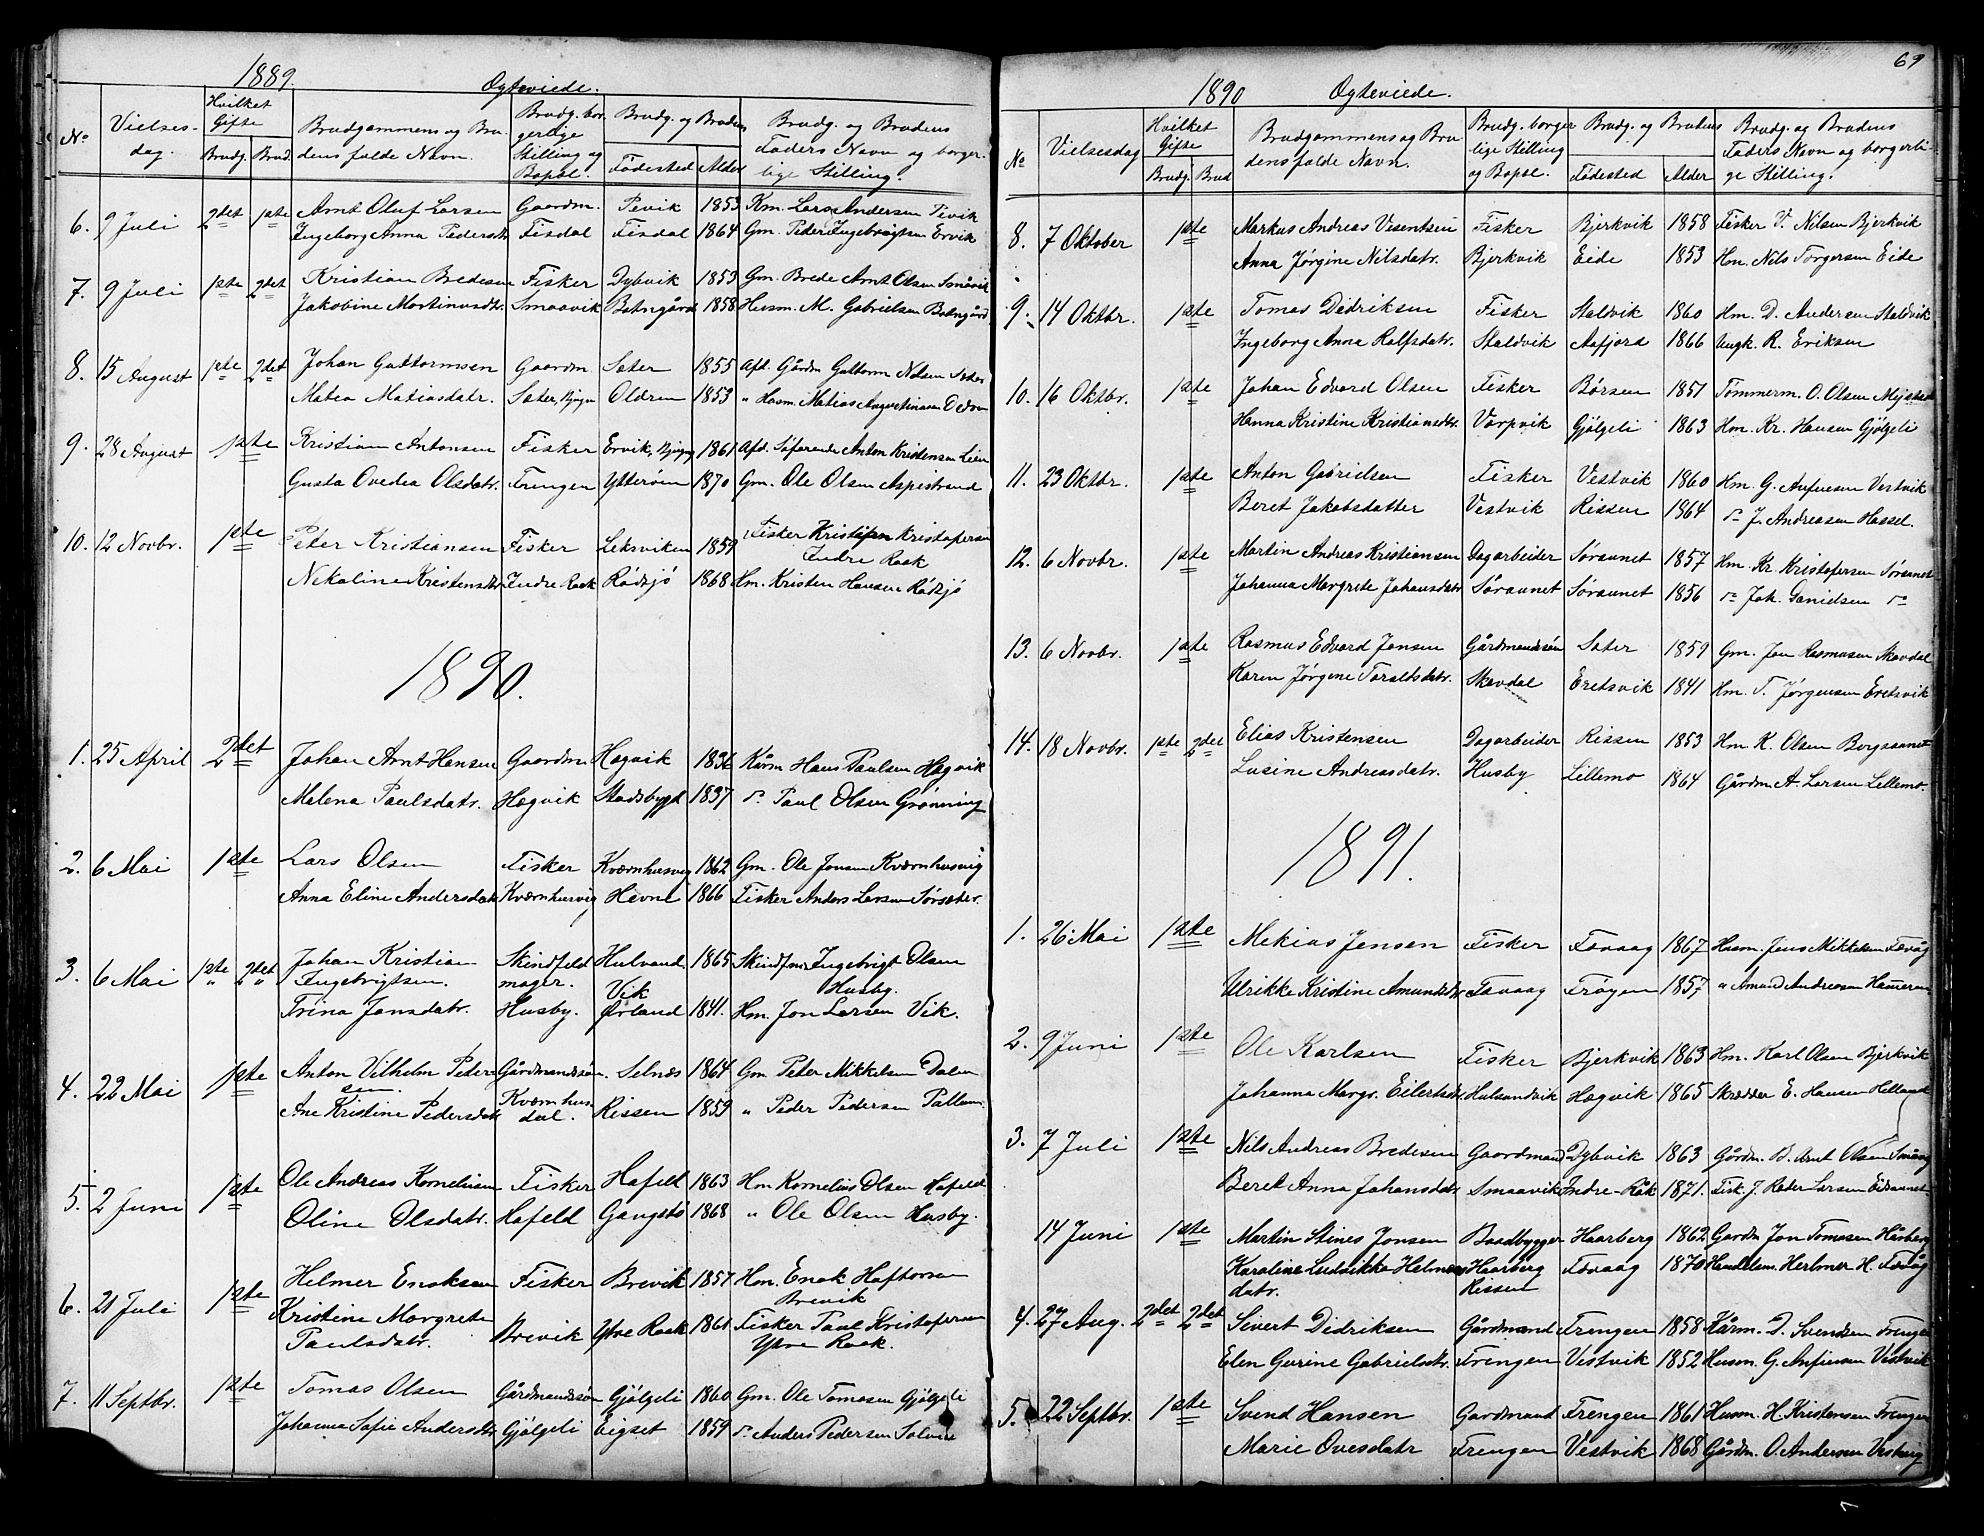 SAT, Ministerialprotokoller, klokkerbøker og fødselsregistre - Sør-Trøndelag, 653/L0657: Klokkerbok nr. 653C01, 1866-1893, s. 69